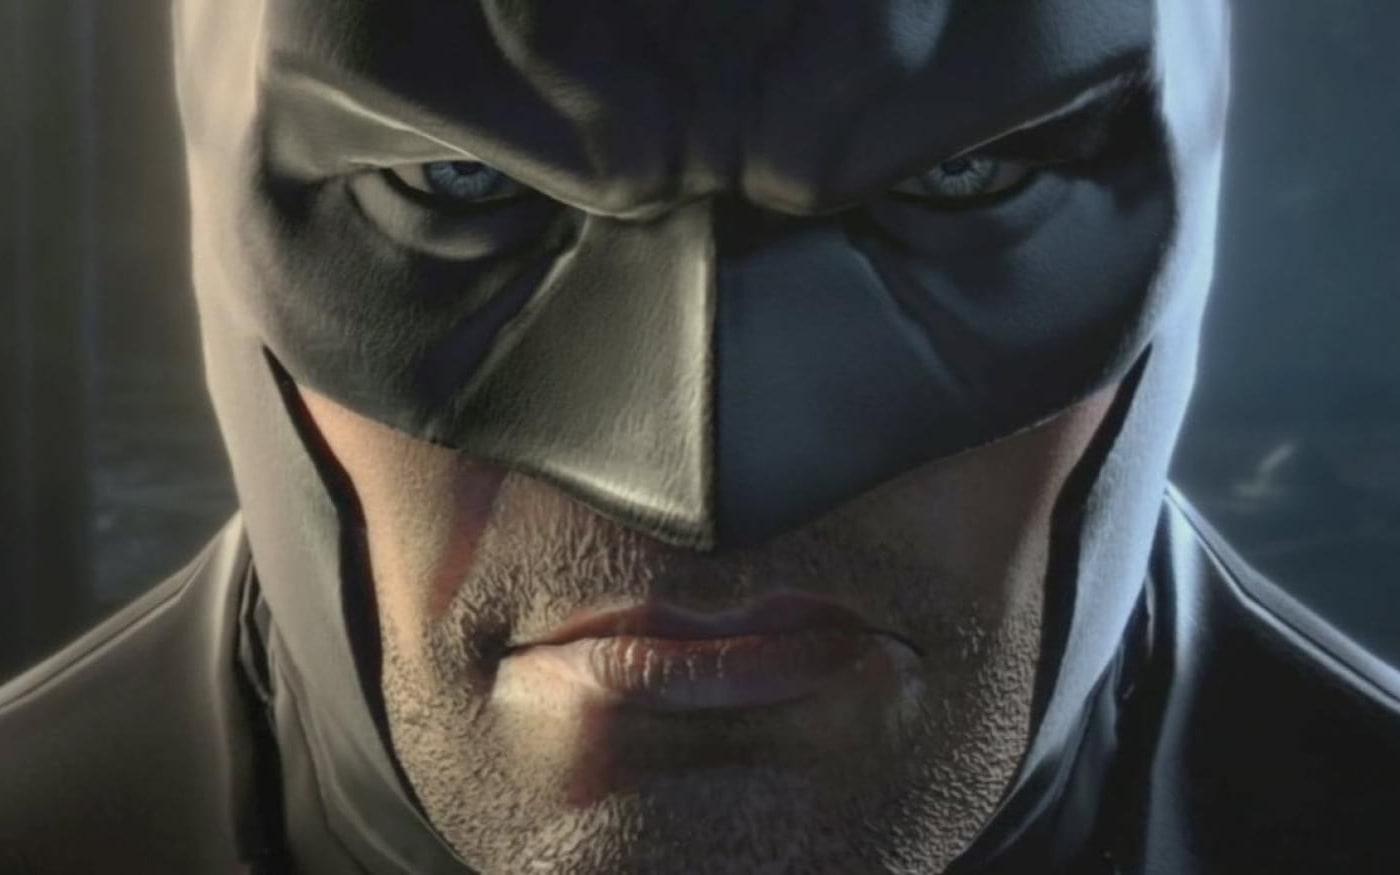 [Batman Arkham Legacy] WB Games demorou para revelar algo, então rumores quentes surgiram